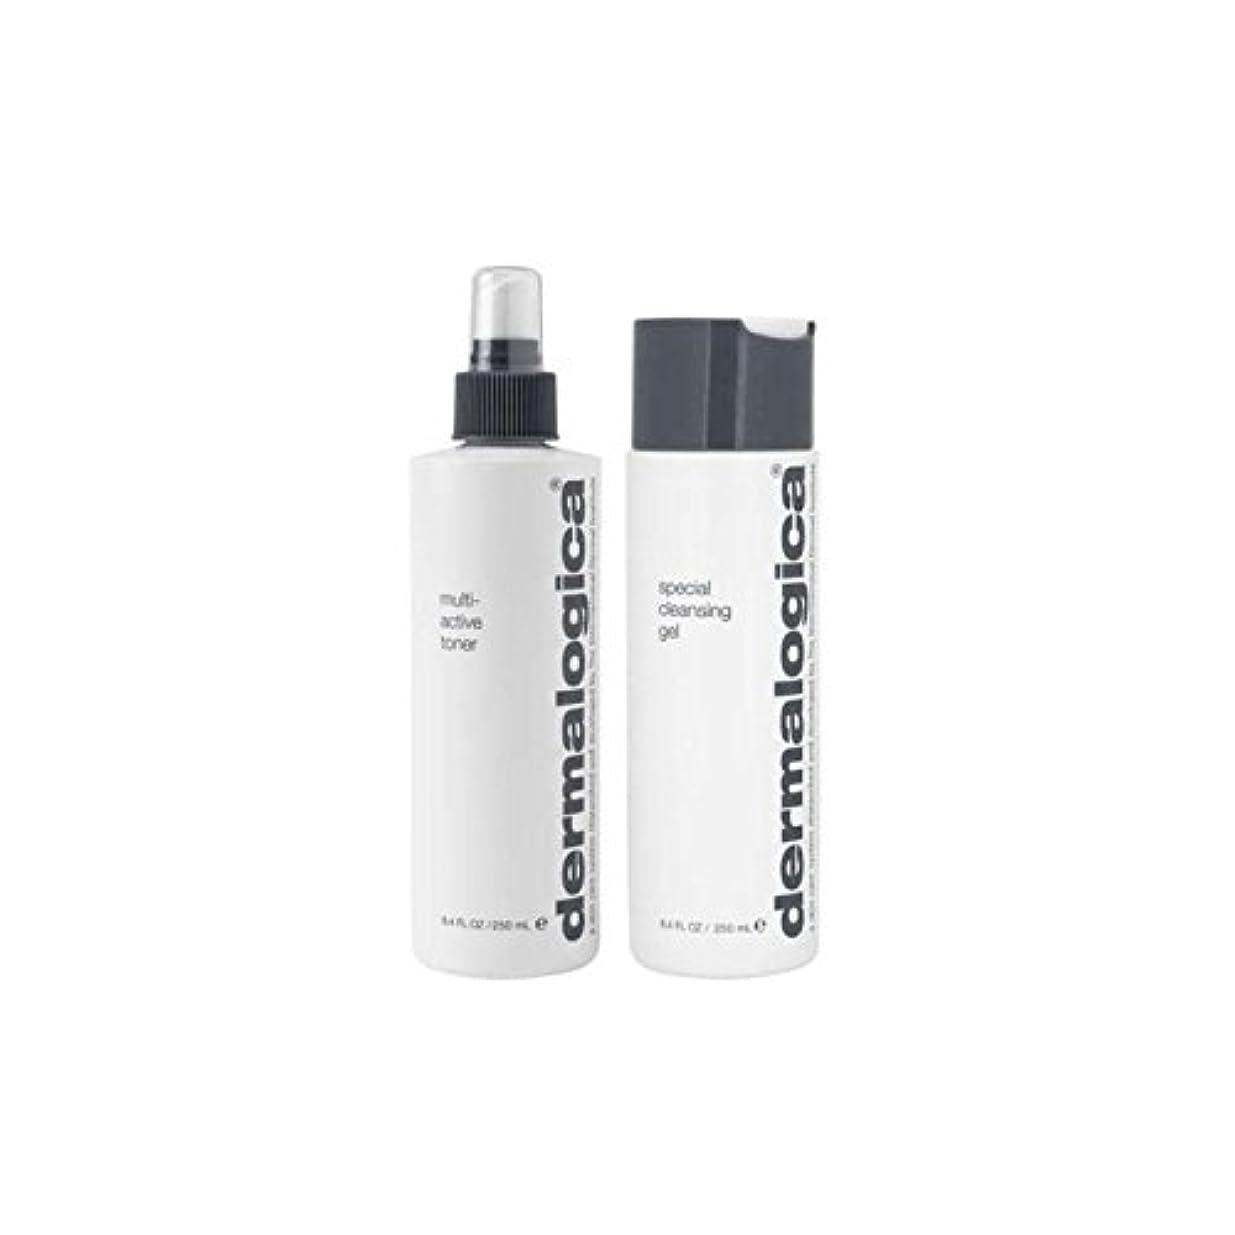 取り組むクールに向かってダーマロジカクレンジング&トーンデュオ - ノーマル/ドライスキン(2製品) x2 - Dermalogica Cleanse & Tone Duo - Normal/Dry Skin (2 Products) (Pack of 2) [並行輸入品]